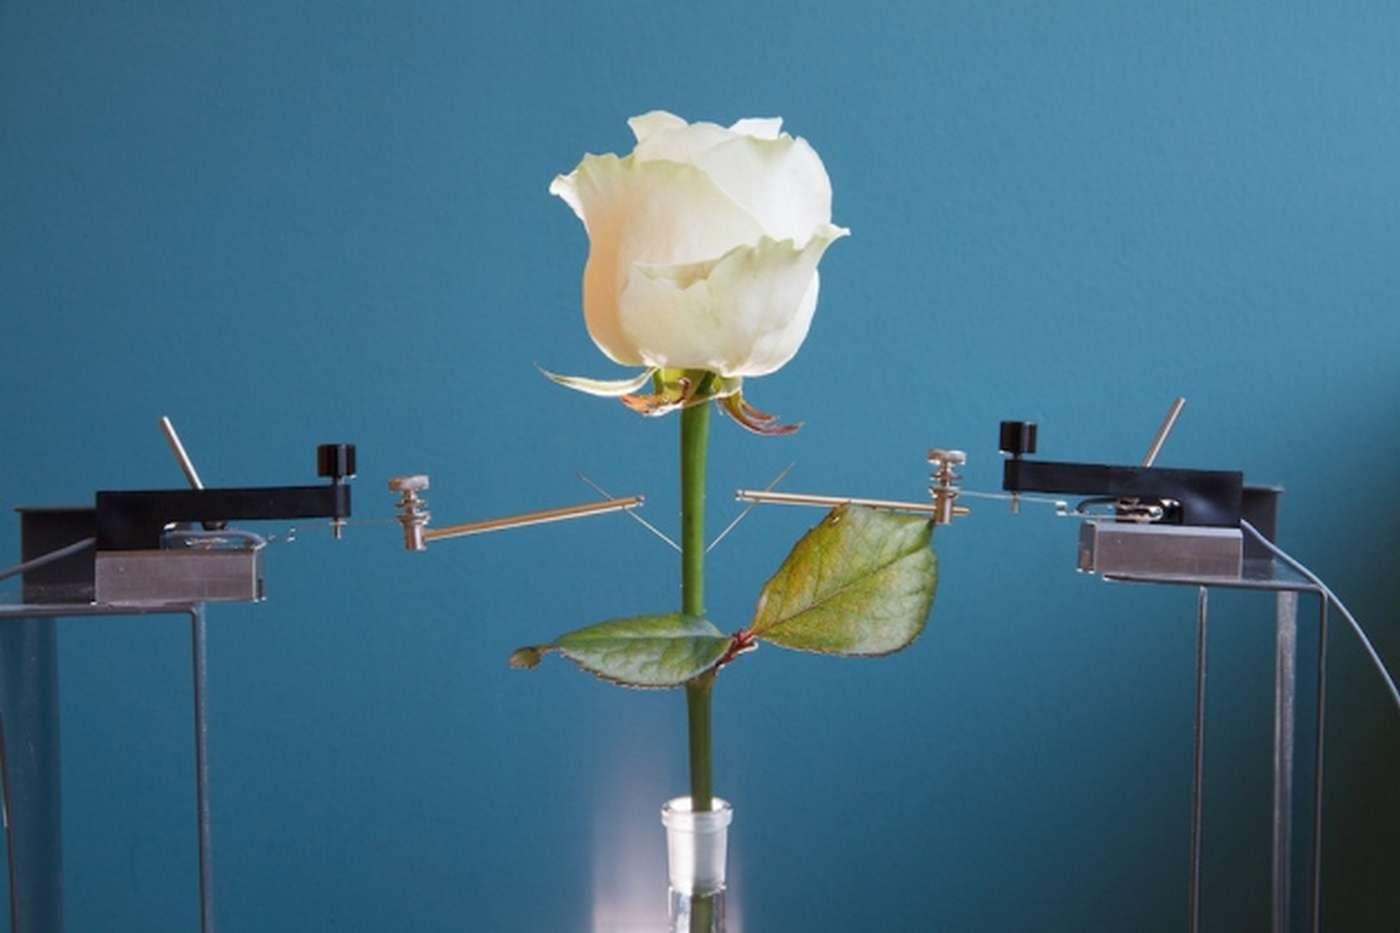 Selon les scientifiques de l'université Linköping (Suède), la création de plantes bioniques, comme cette rose, ouvre la voie à des nombreuses applications dans les domaines de l'environnement et de l'énergie. © Eliot Gomez, Linköping University